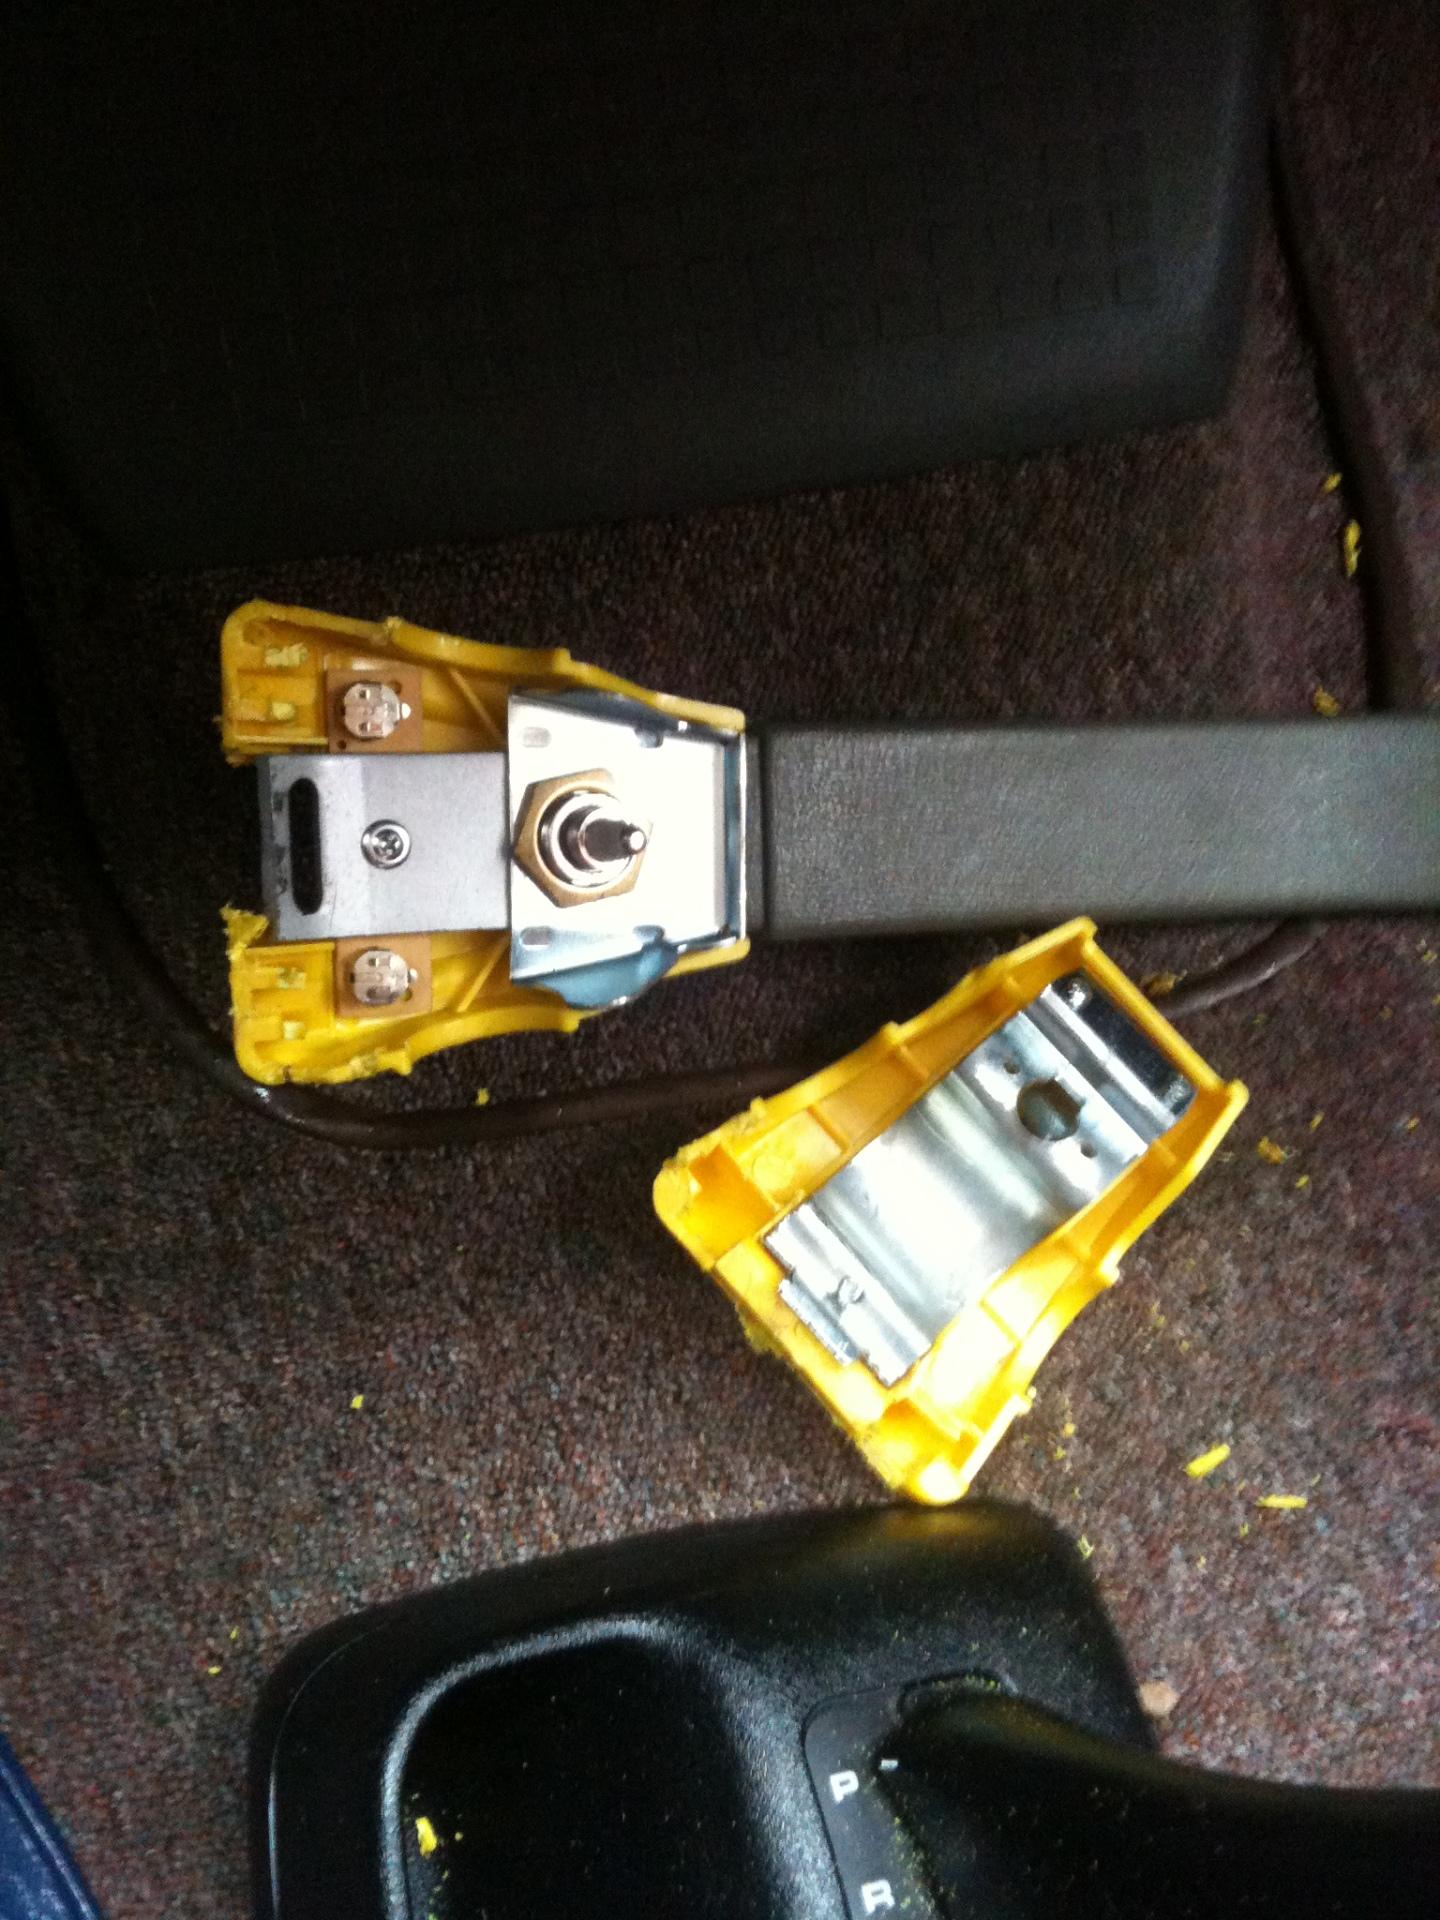 Steering Lock Removed